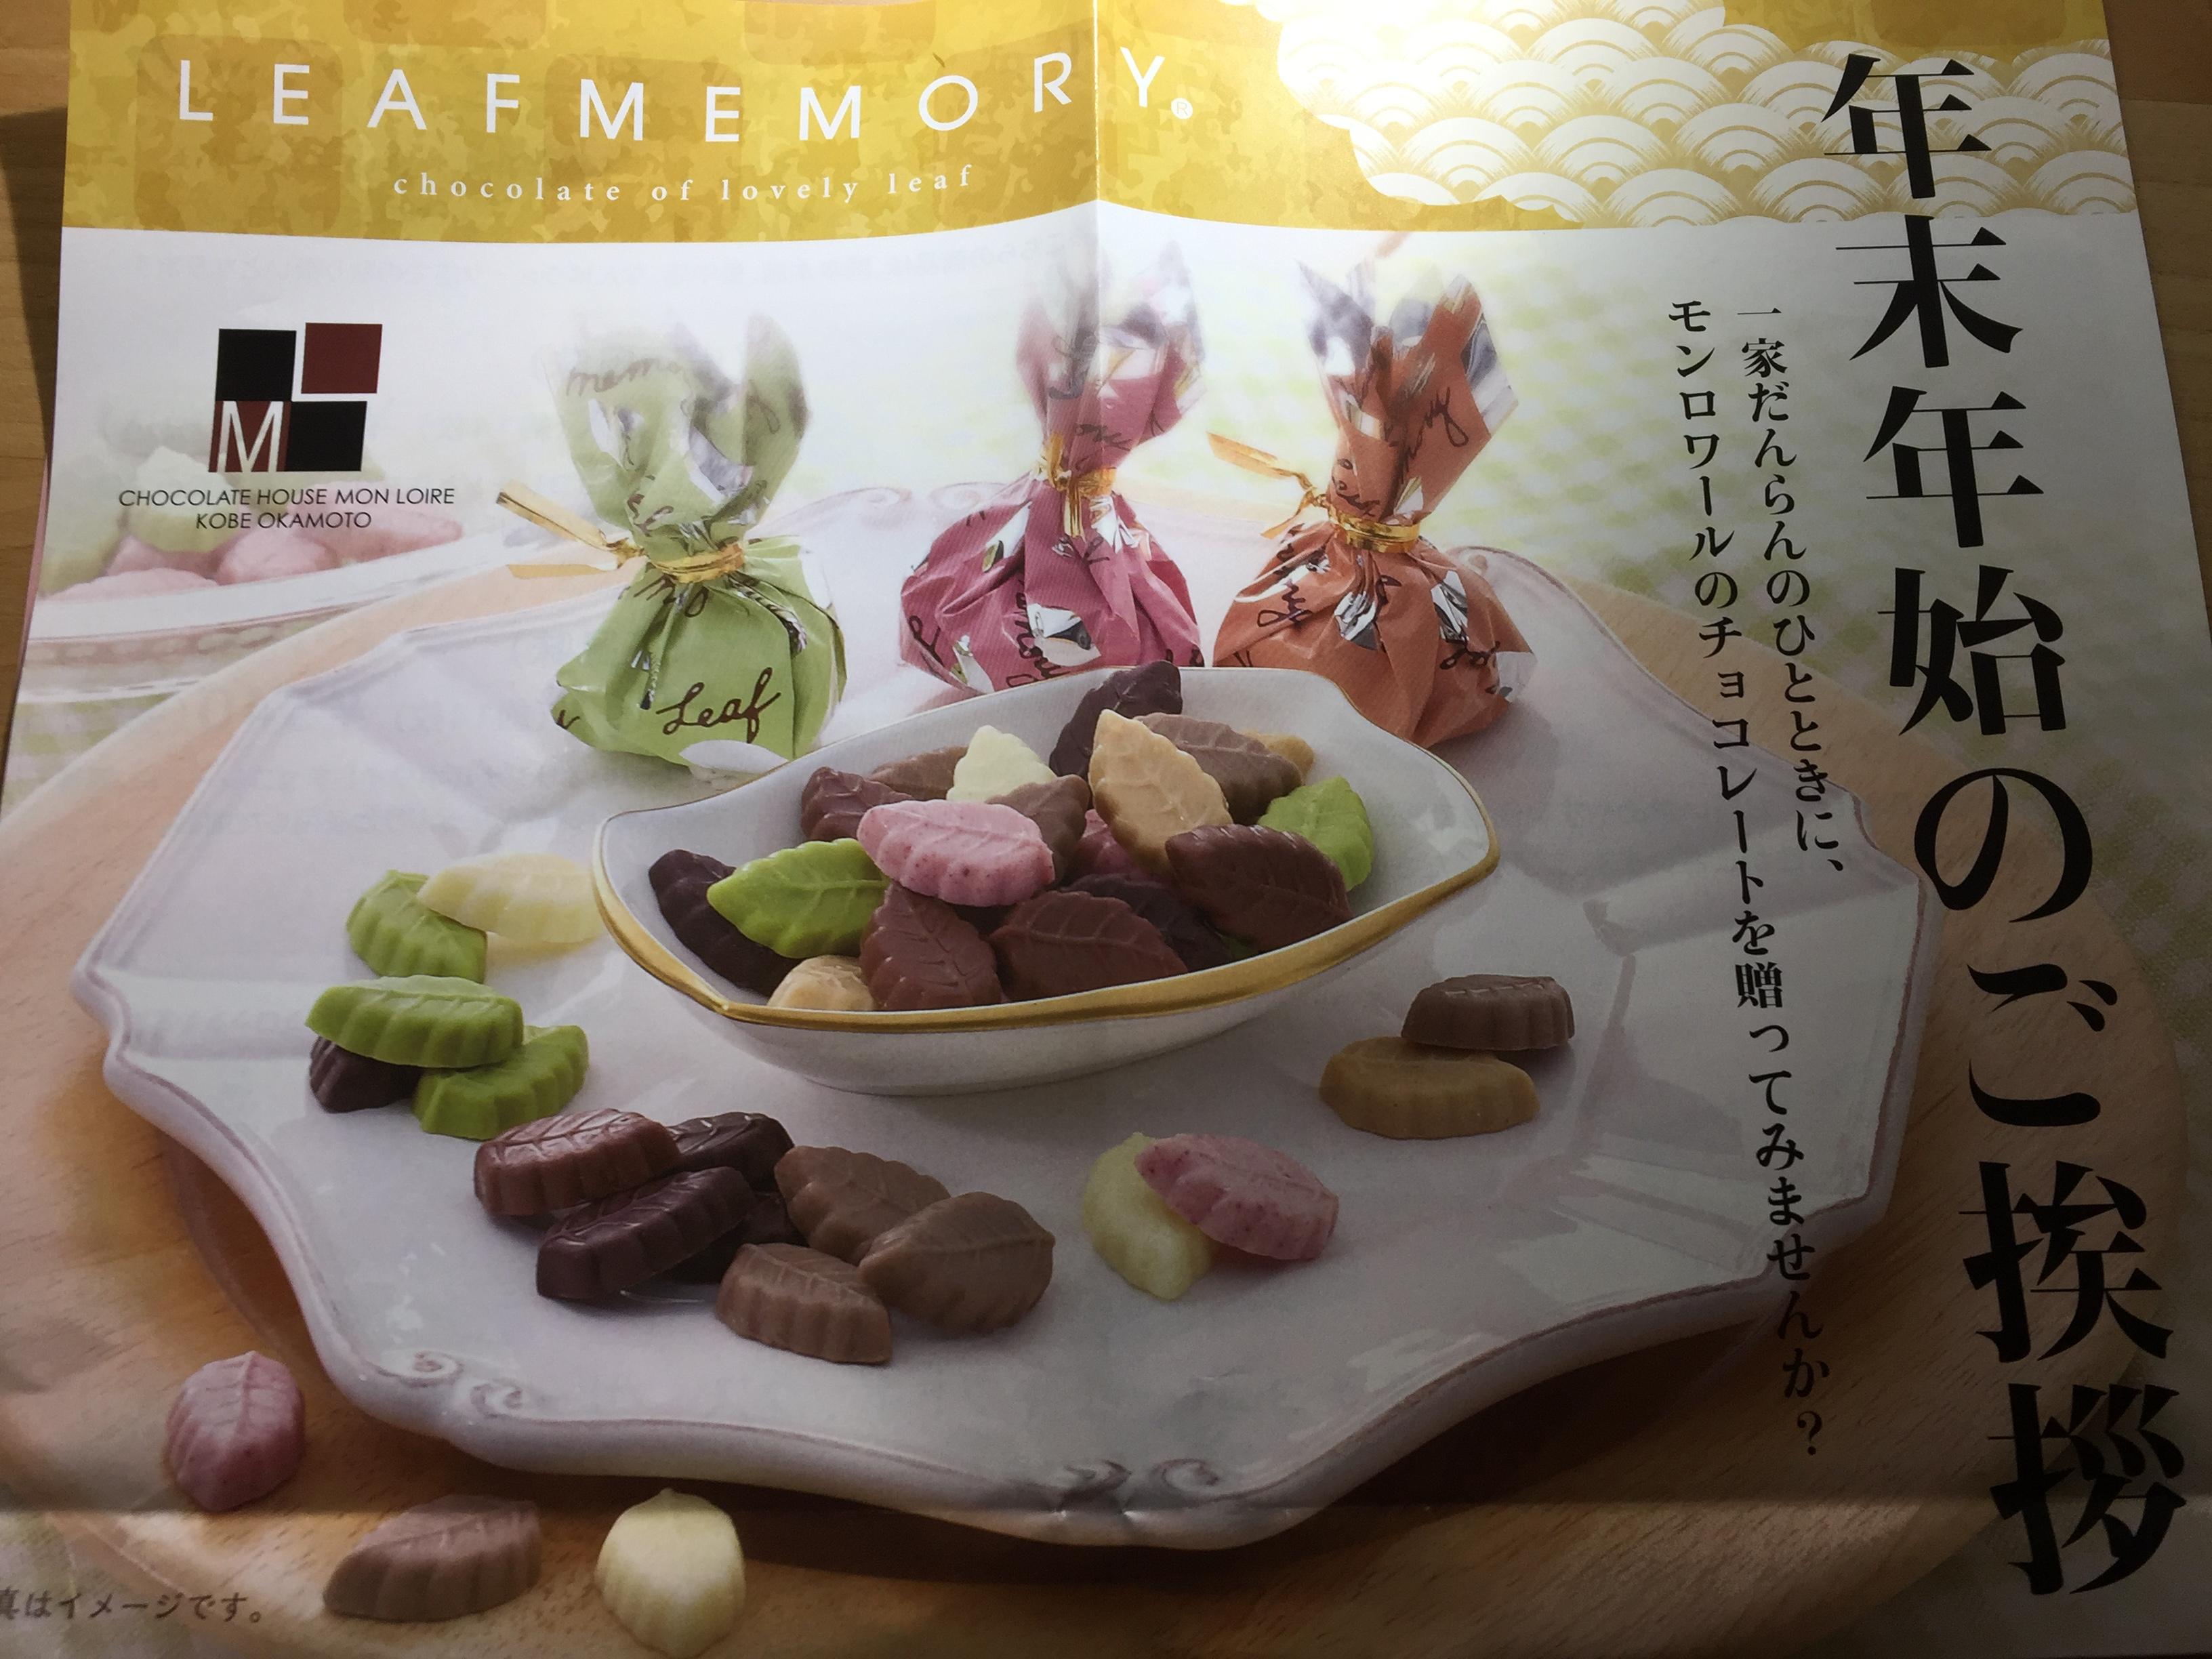 神戸・岡本のモンロワール本店は年末年始のキャンペーン中だよ!【※折込チラシ引換券あり※】